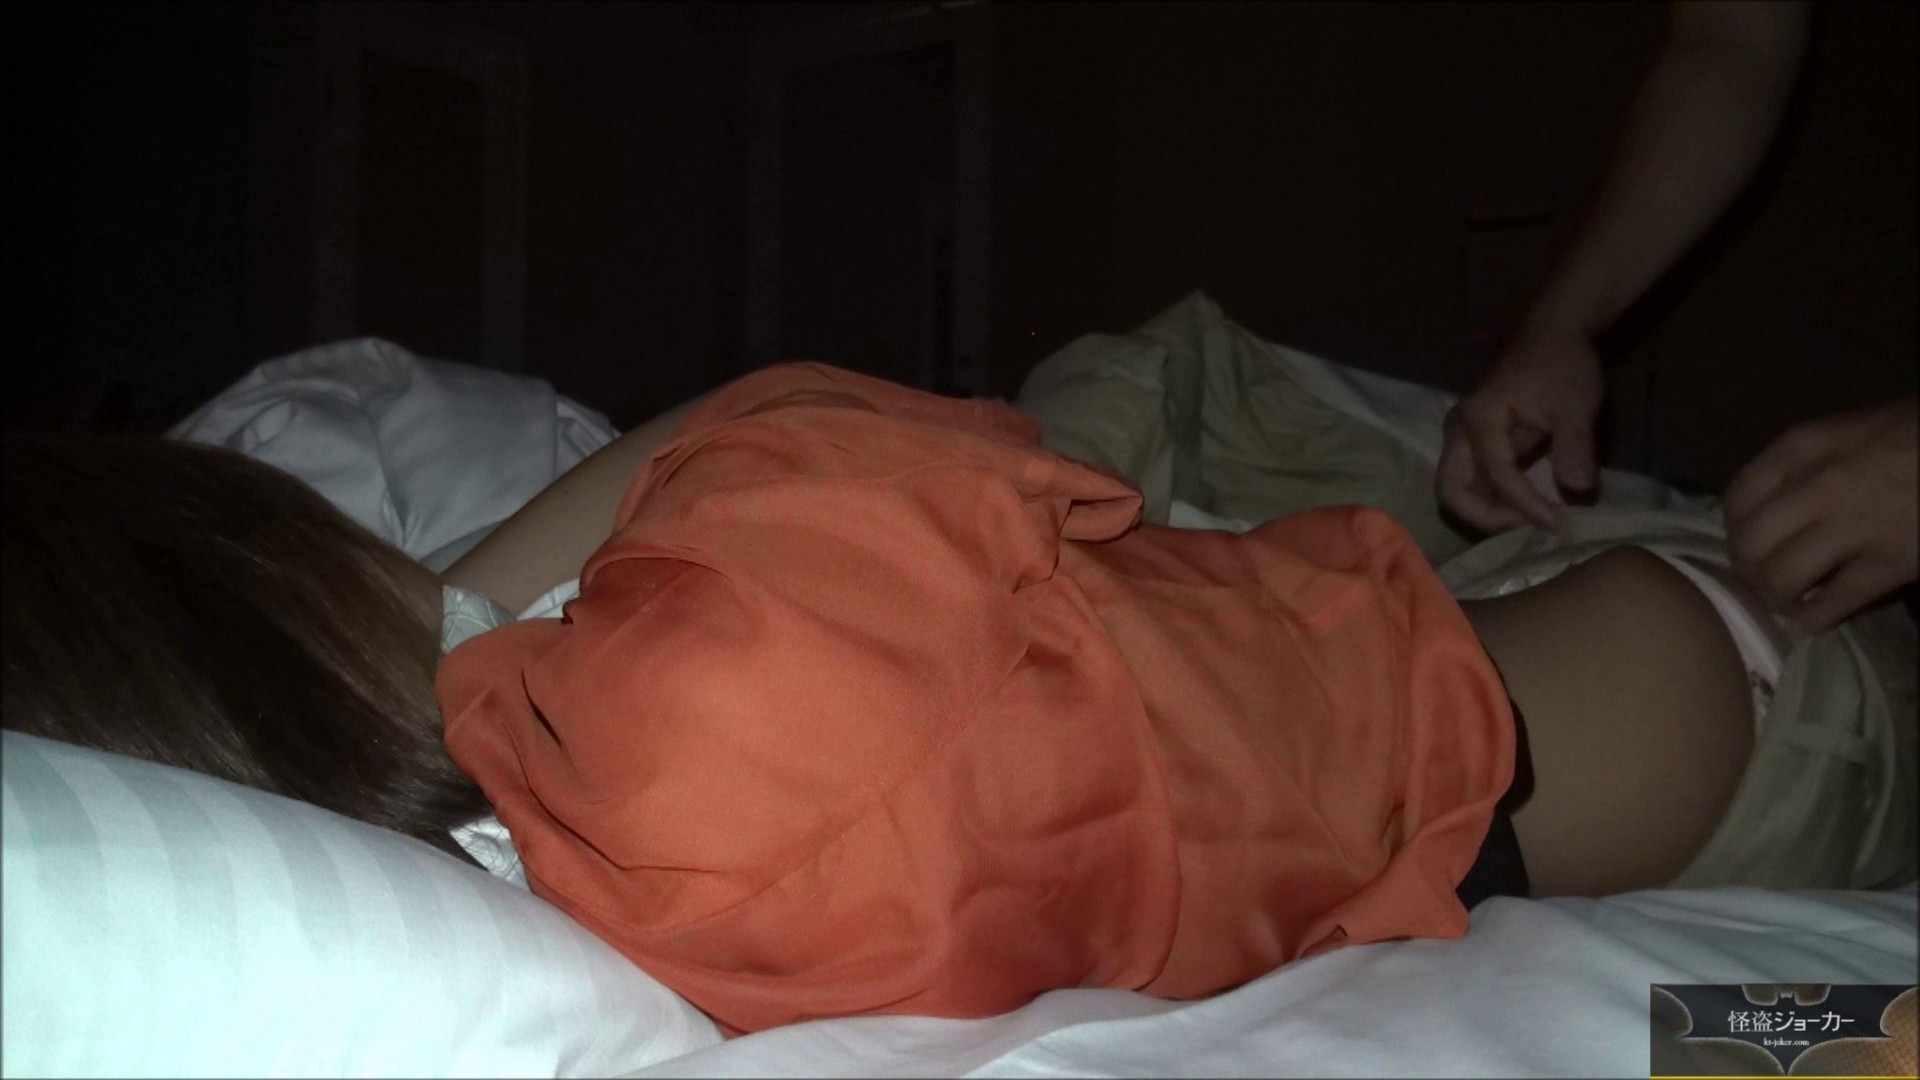 【未公開】vol.69{BLENDA系美女&黒ギャル}UA・Mちゃん2人とホテル ホテル 覗きぱこり動画紹介 91連発 54